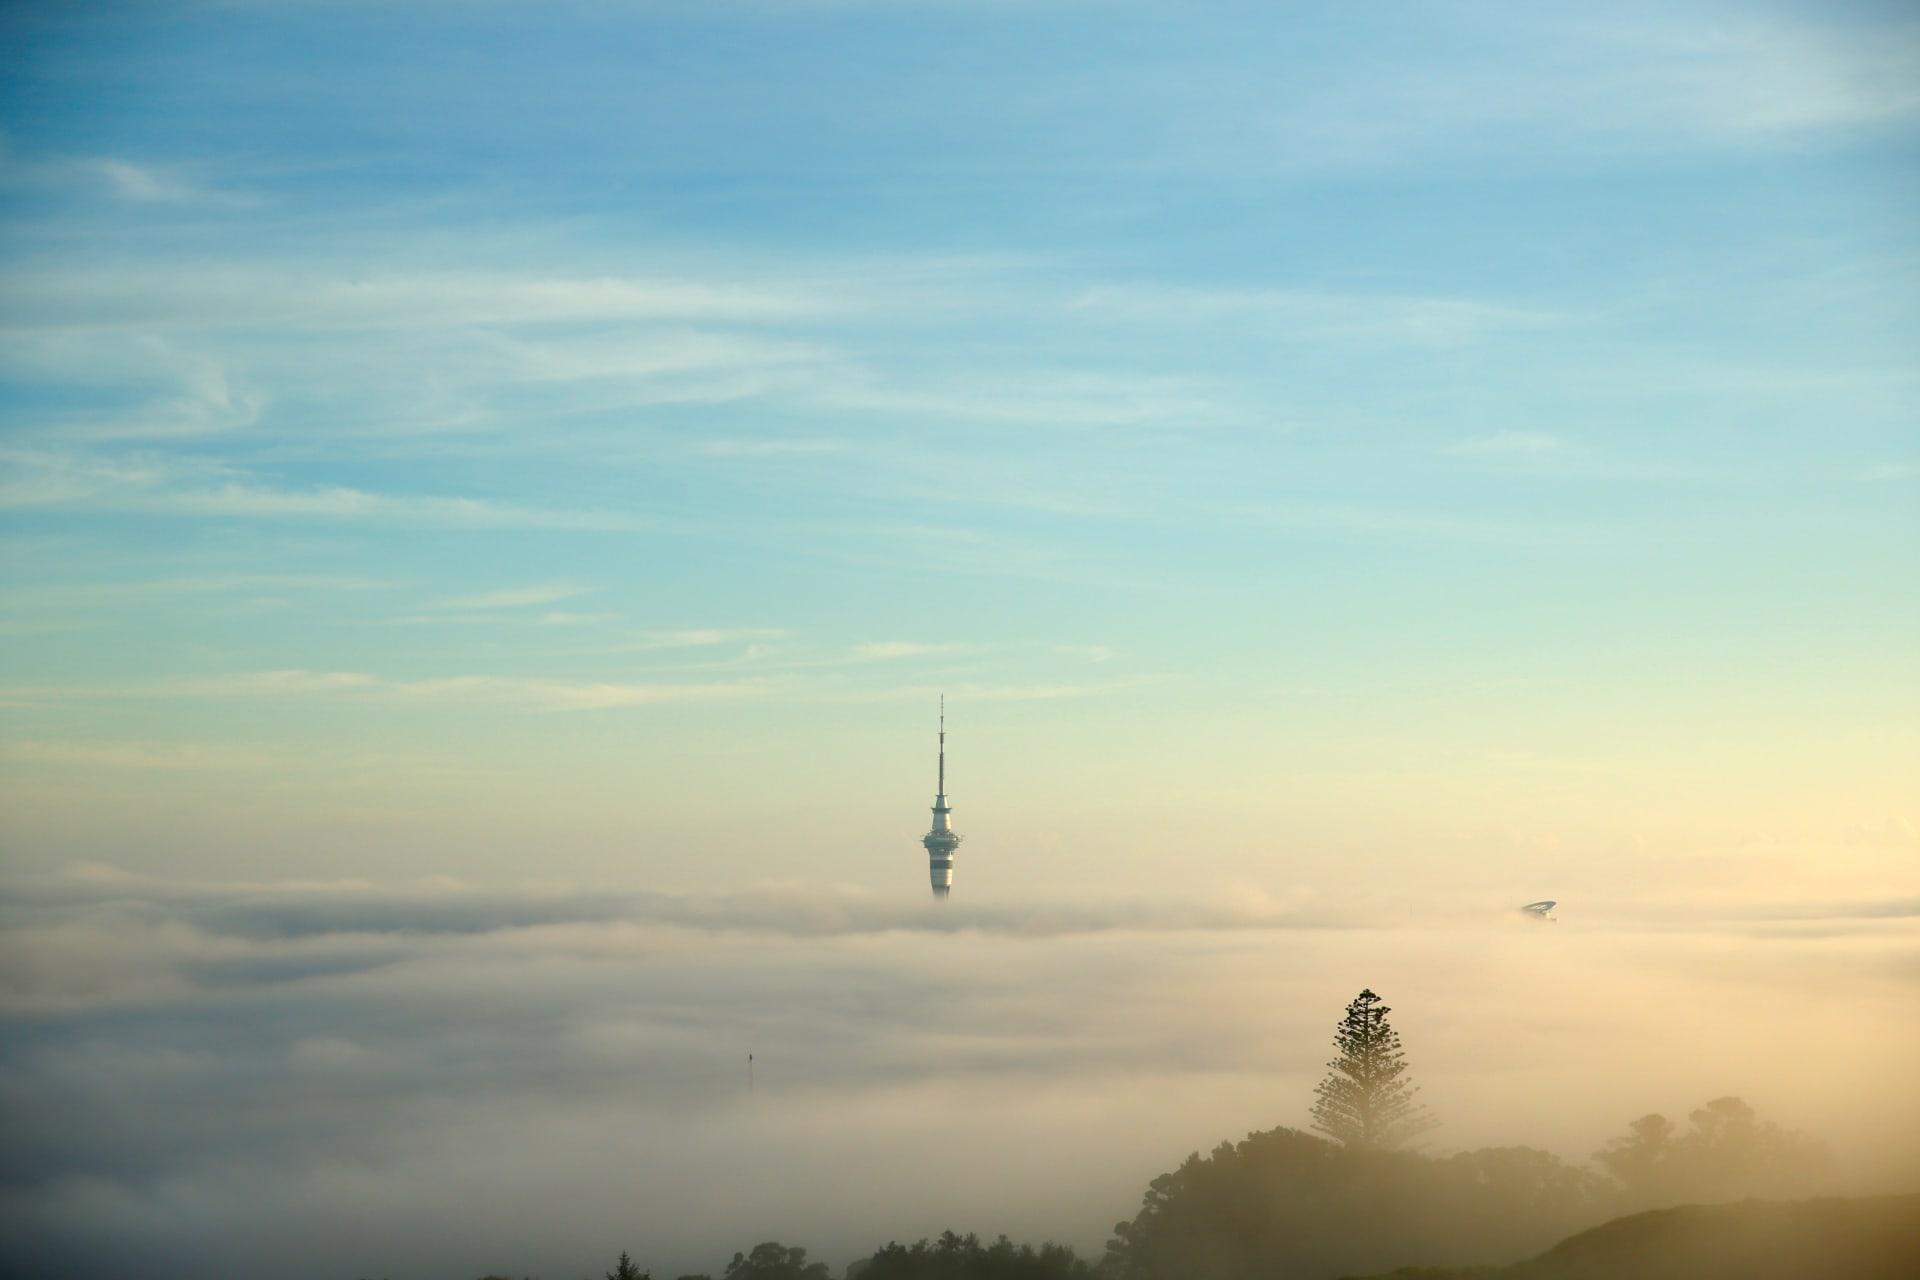 برج السماء في مدينة أوكلاند النيوزيلندية